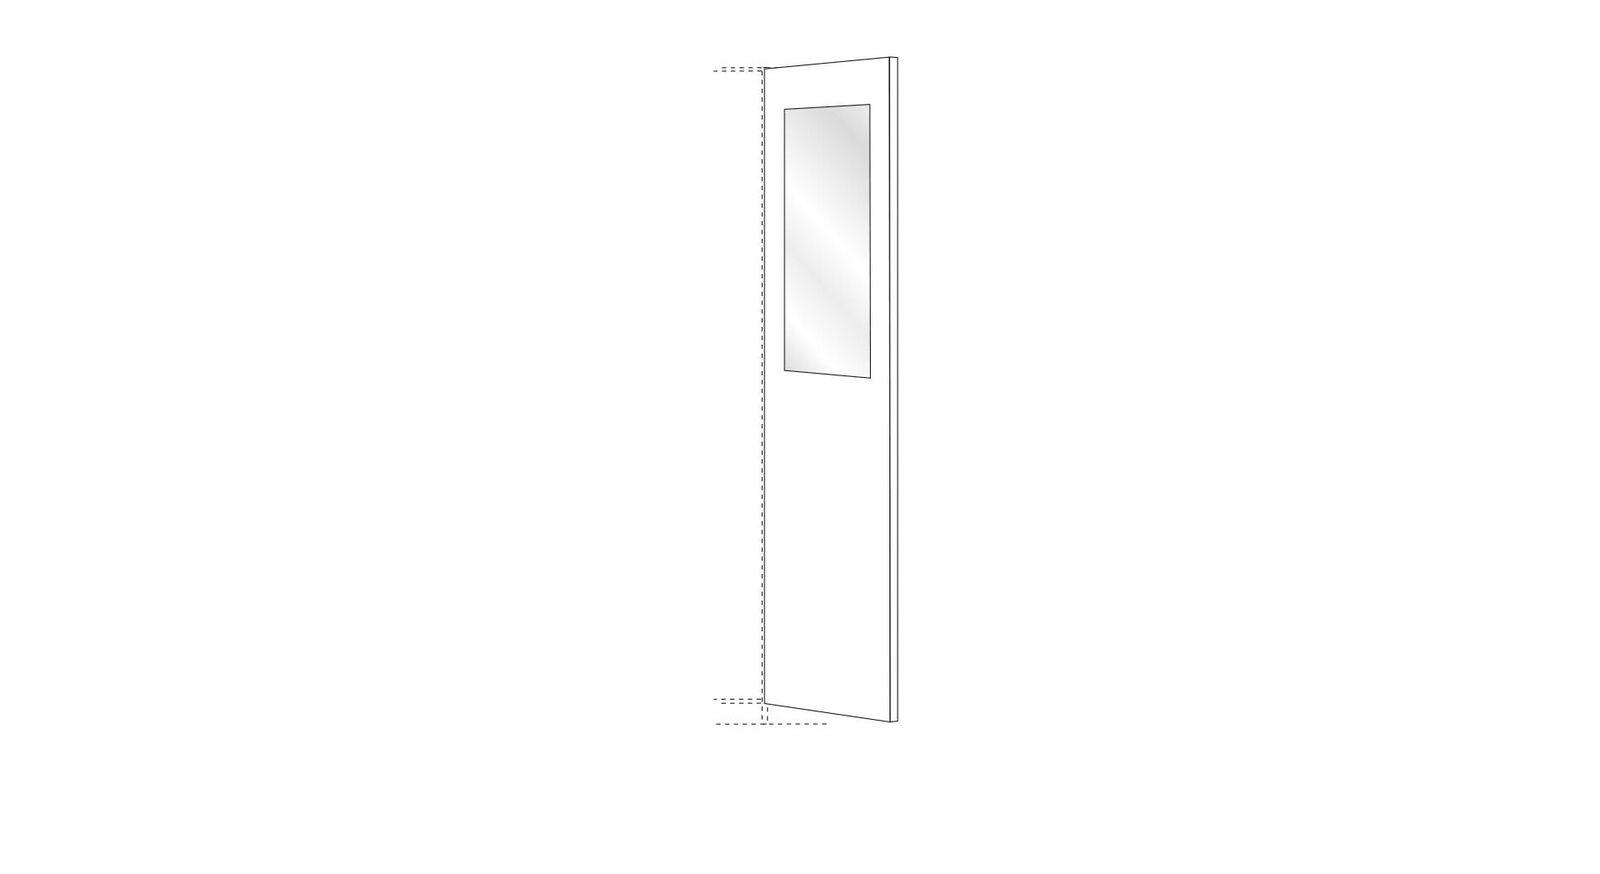 MUSTERRING Innenausstattung Kleiderschrank Innenspiegel 80 cm